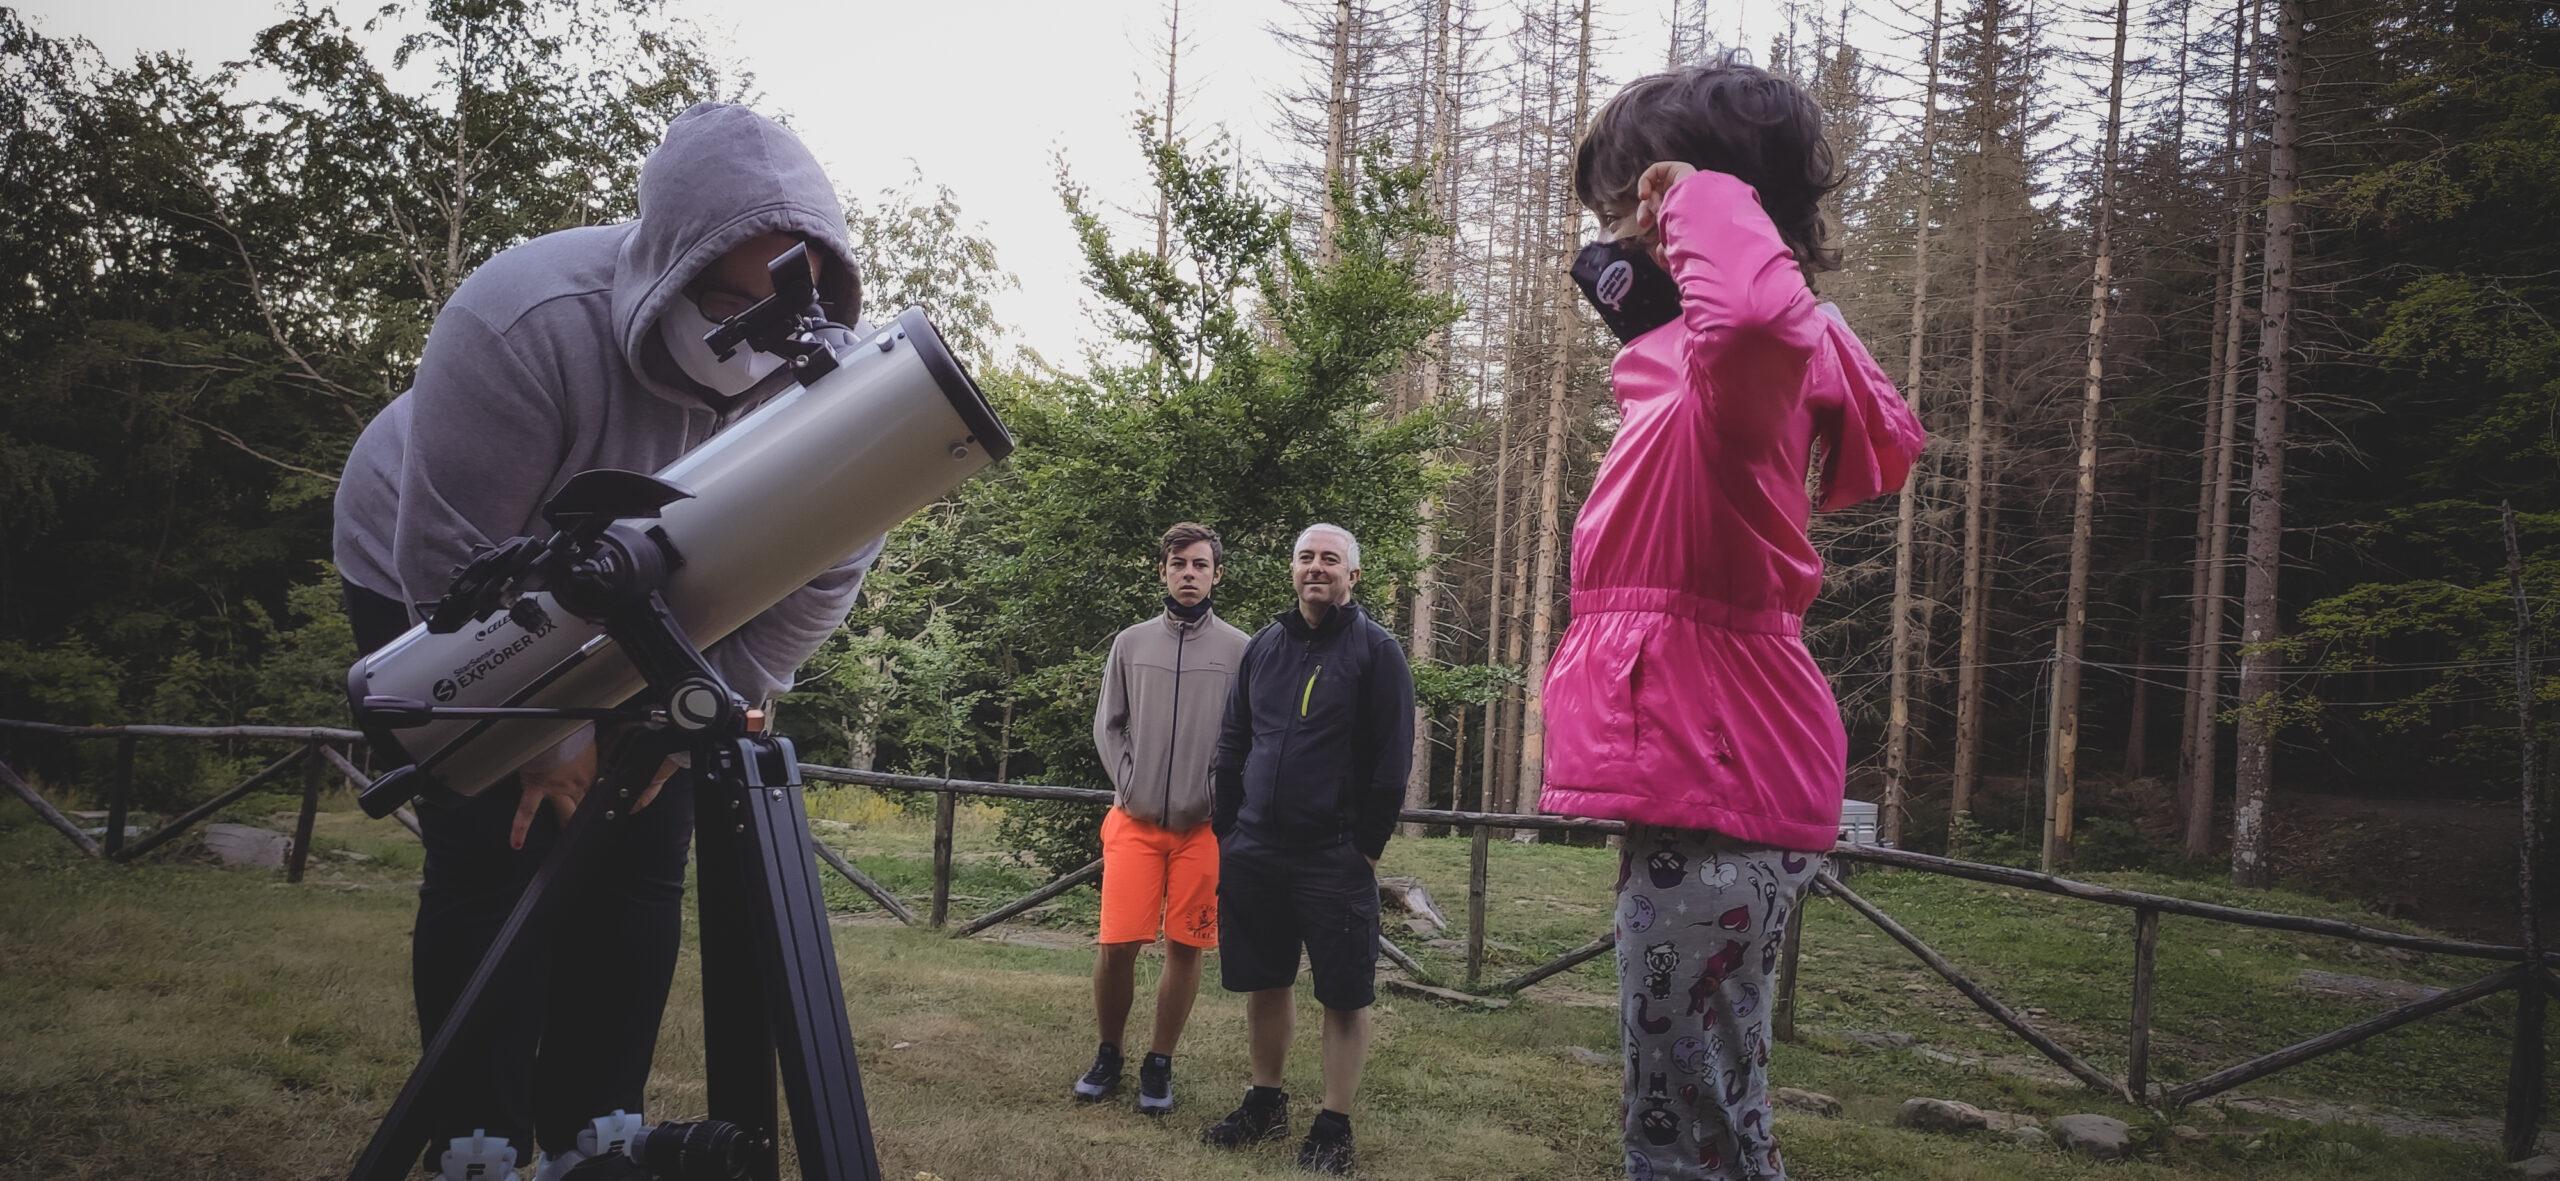 Astronomia e osservazione al telescopio a Capanno Tassoni